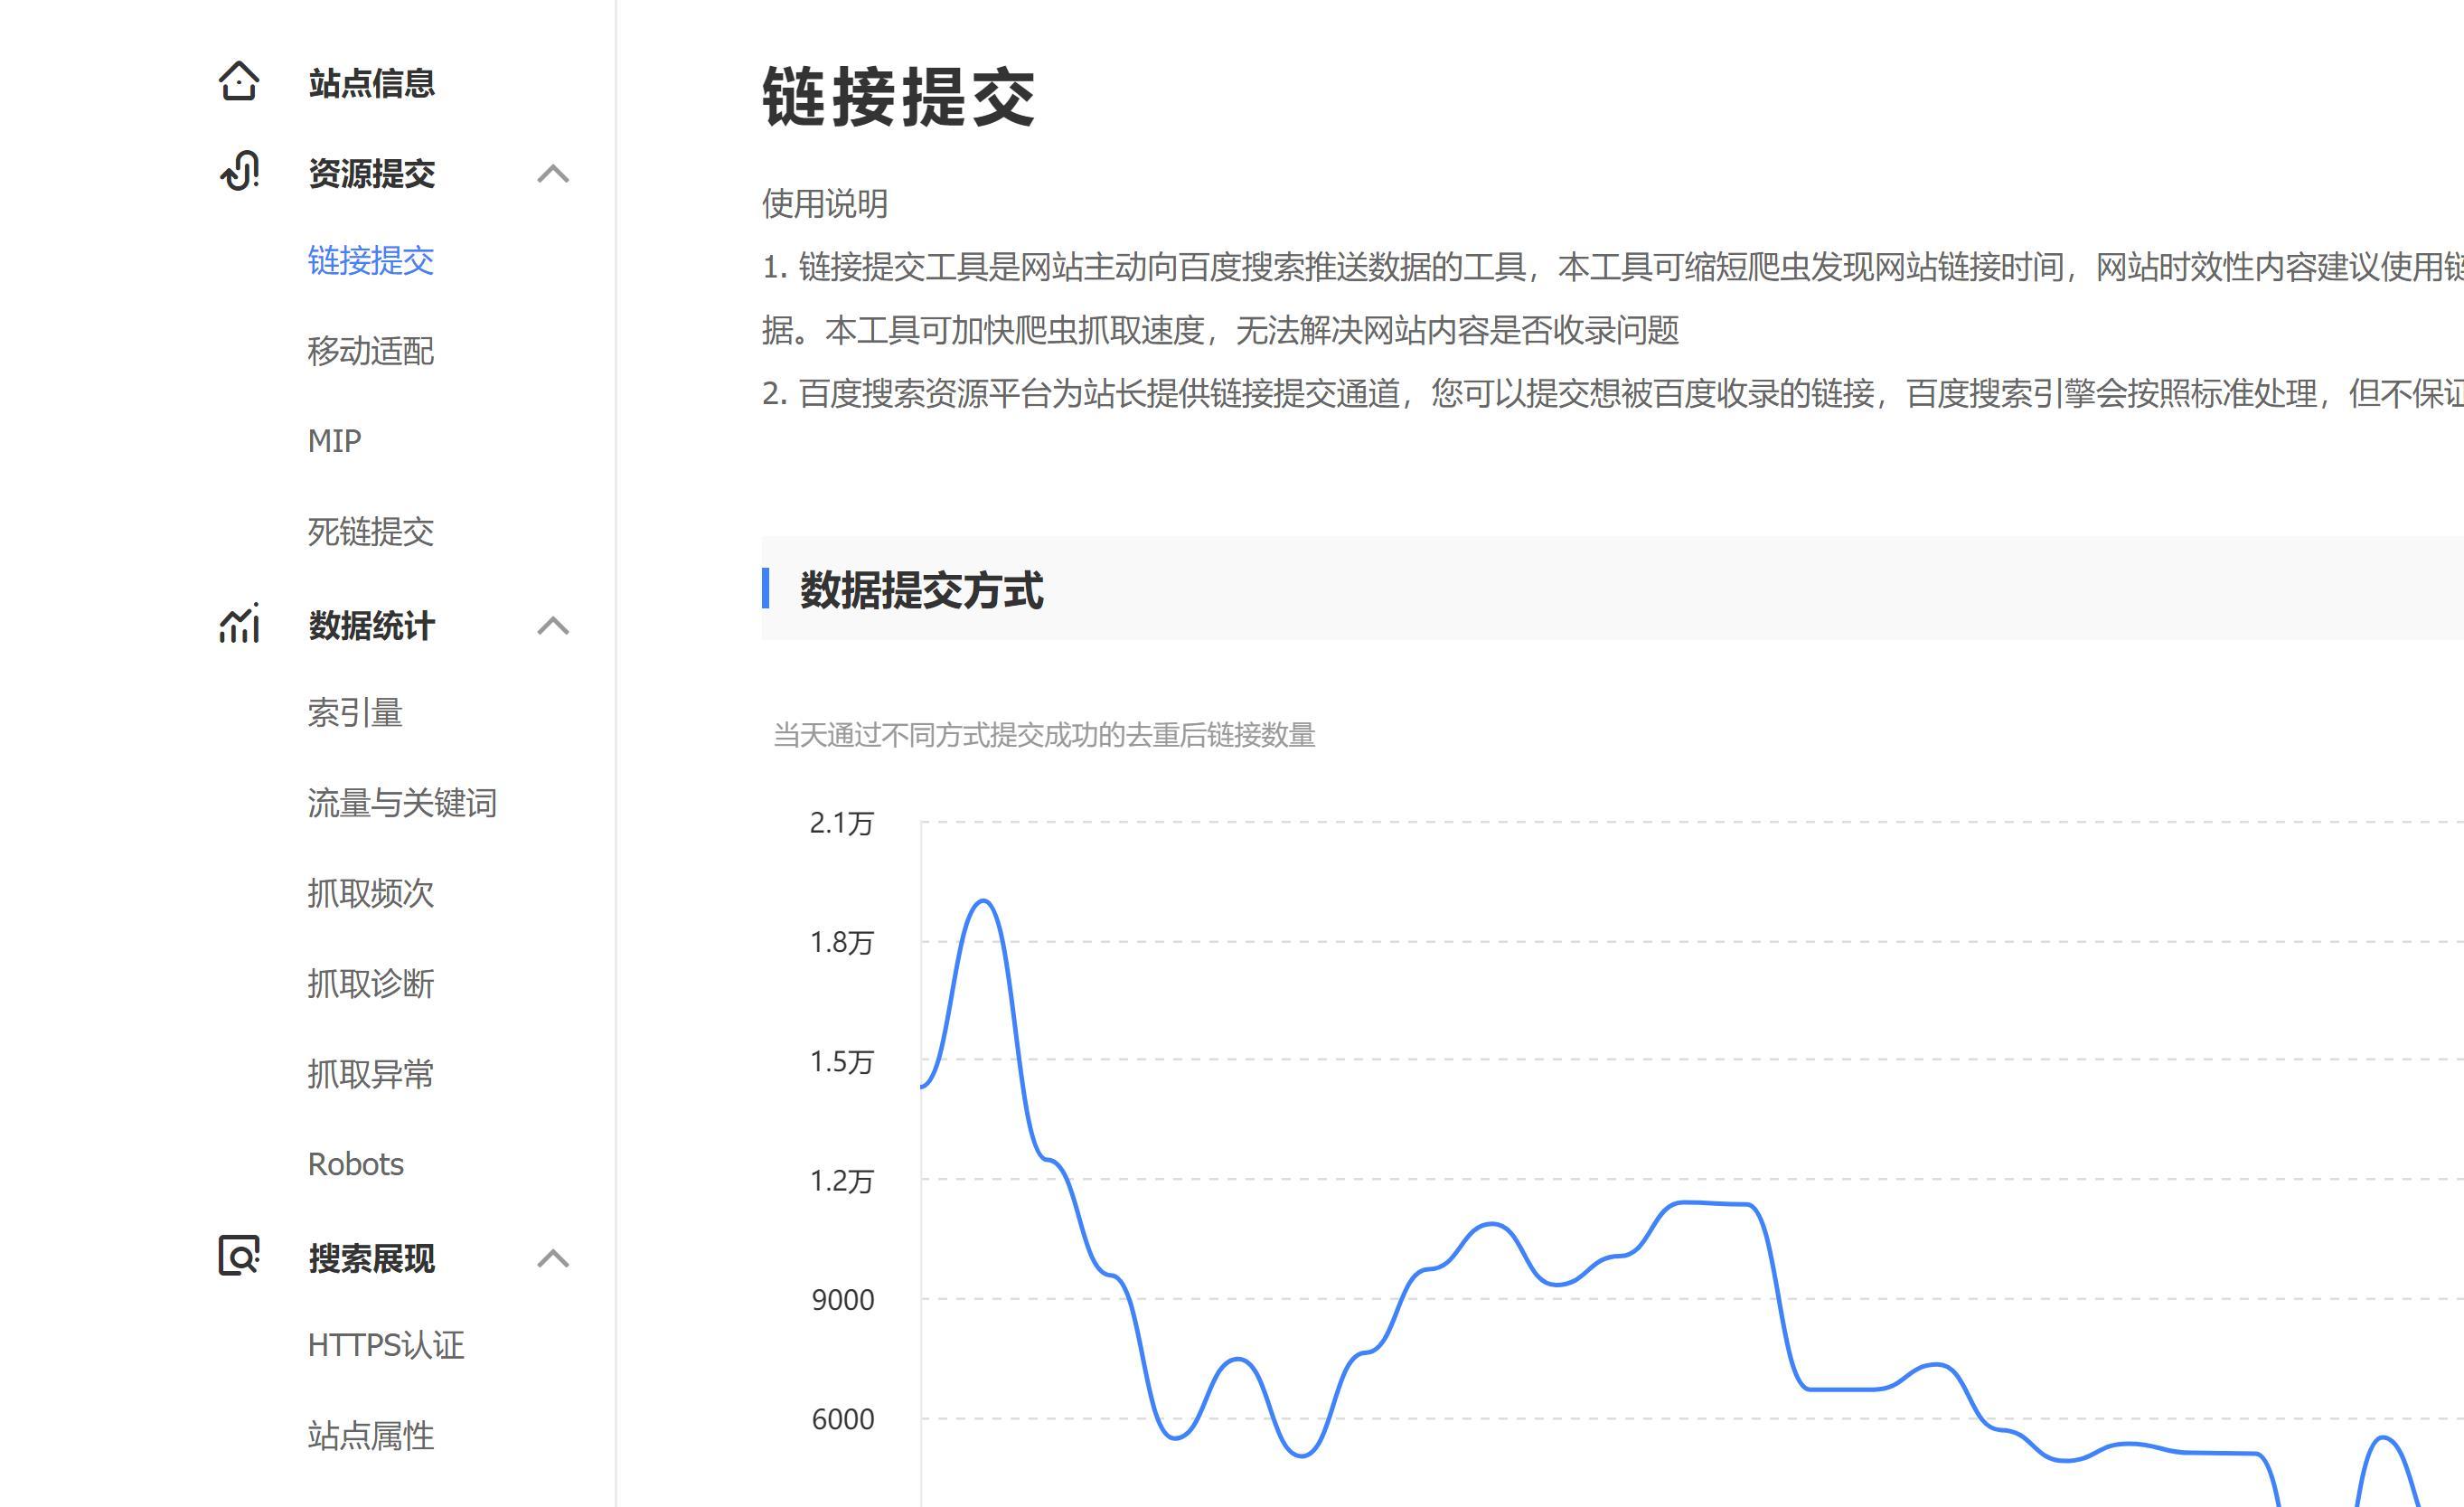 又名峨眉山站长网:入门新手网站SEO优化应该从那些方面入手?